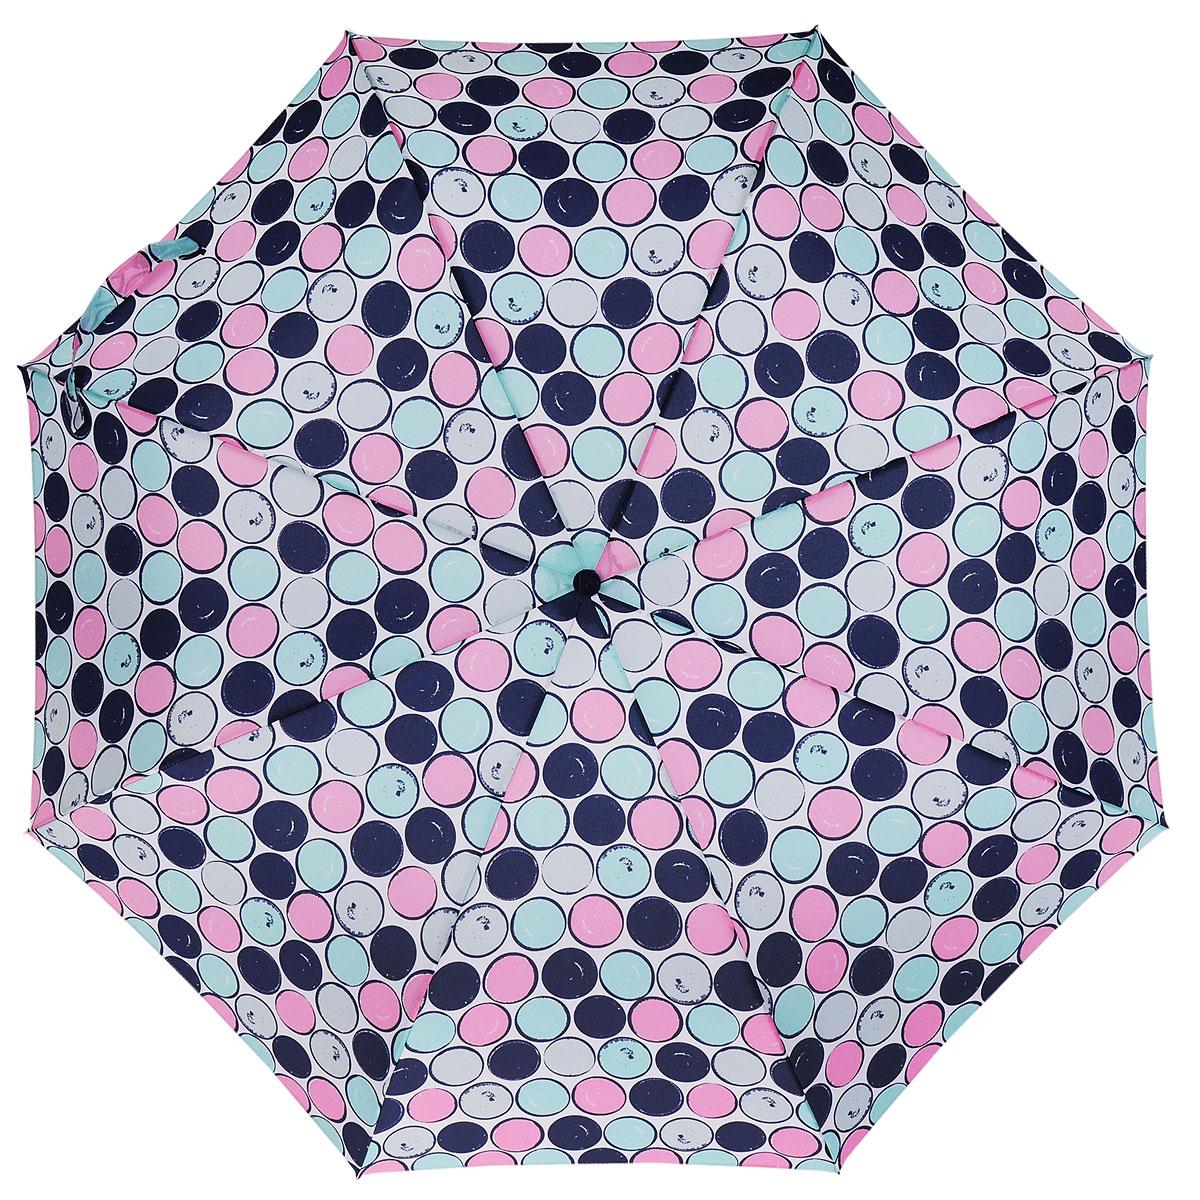 Зонт женский Fulton Minilite, механический, 3 сложения, цвет: белый. L354-2766L354-2766Очаровательный механический зонт Fulton Minilite в 3 сложения изготовлен из высокопрочных материалов. Каркас зонта состоит из 8 спиц и прочного алюминиевого стержня. Купол зонта выполнен из прочного полиэстера с водоотталкивающей пропиткой и оформлен принтом в виде разноцветных кружков. Рукоятка изготовлена из пластика. Зонт имеет механический механизм сложения купол открывается и закрывается вручную до характерного щелчка. Небольшой шнурок, расположенный на рукоятке, позволяет надеть изделие на руку при необходимости. Модель закрывается при помощи хлястика на липучку. К зонту прилагается чехол. Прелестный зонт не только выручит вас в ненастную погоду, но и станет стильным аксессуаром, прекрасно дополнит ваш модный образ.